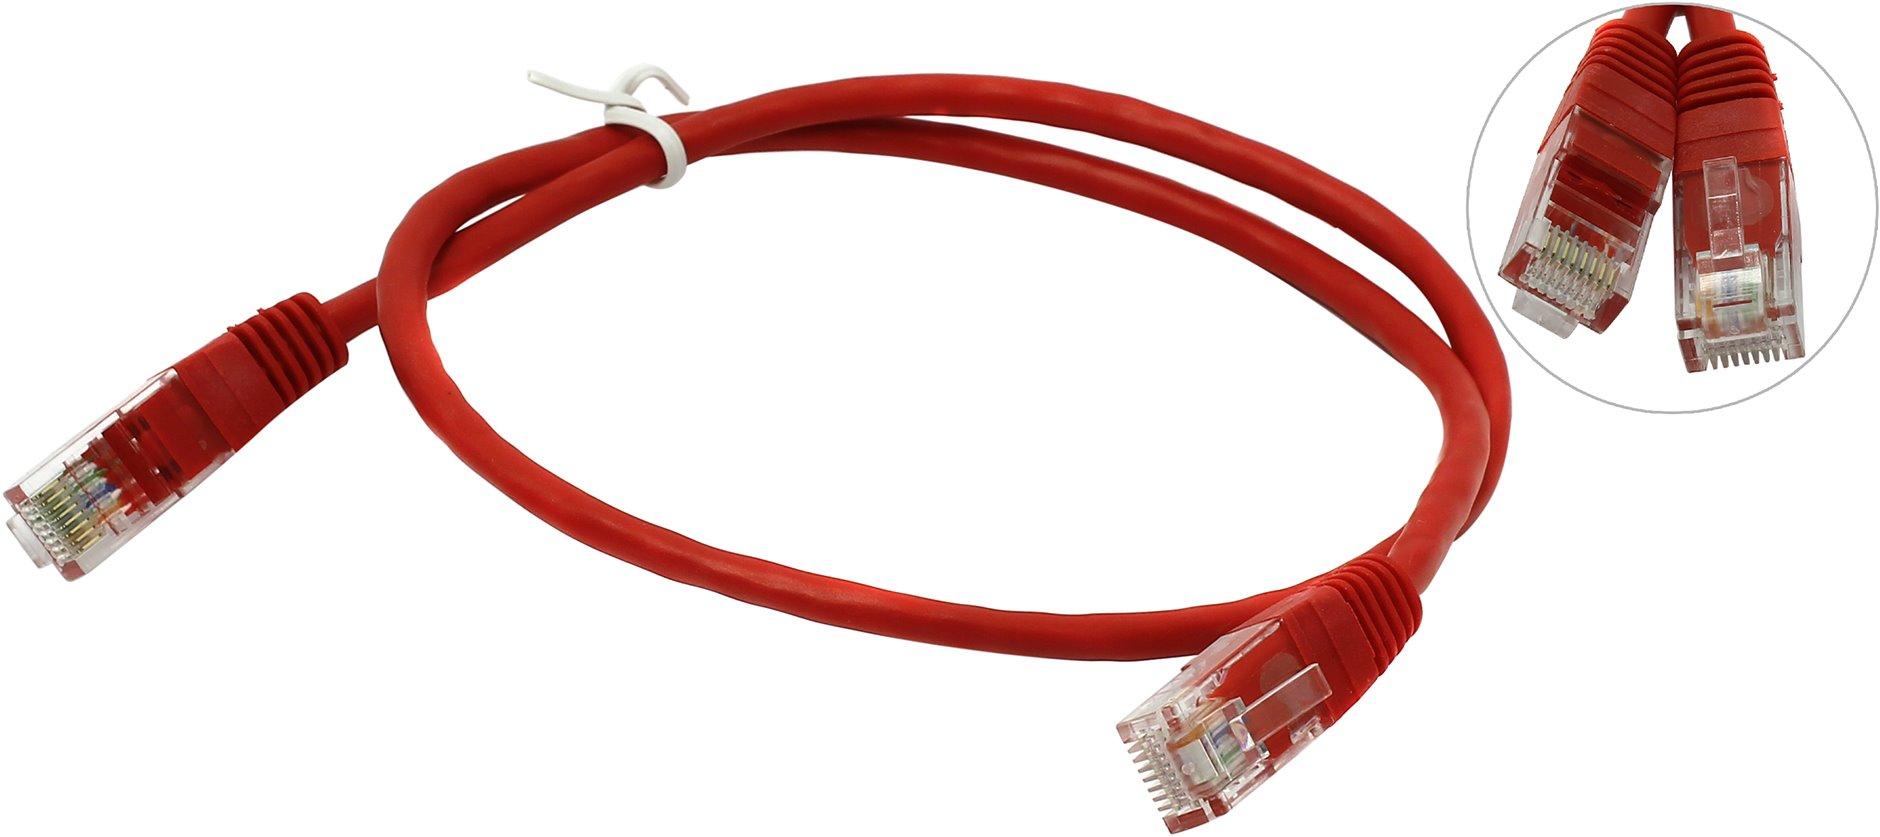 Кабель удлинительный Aopen UTP 4 пары кат 5E 0.5м, Red ANP511_0.5M_R